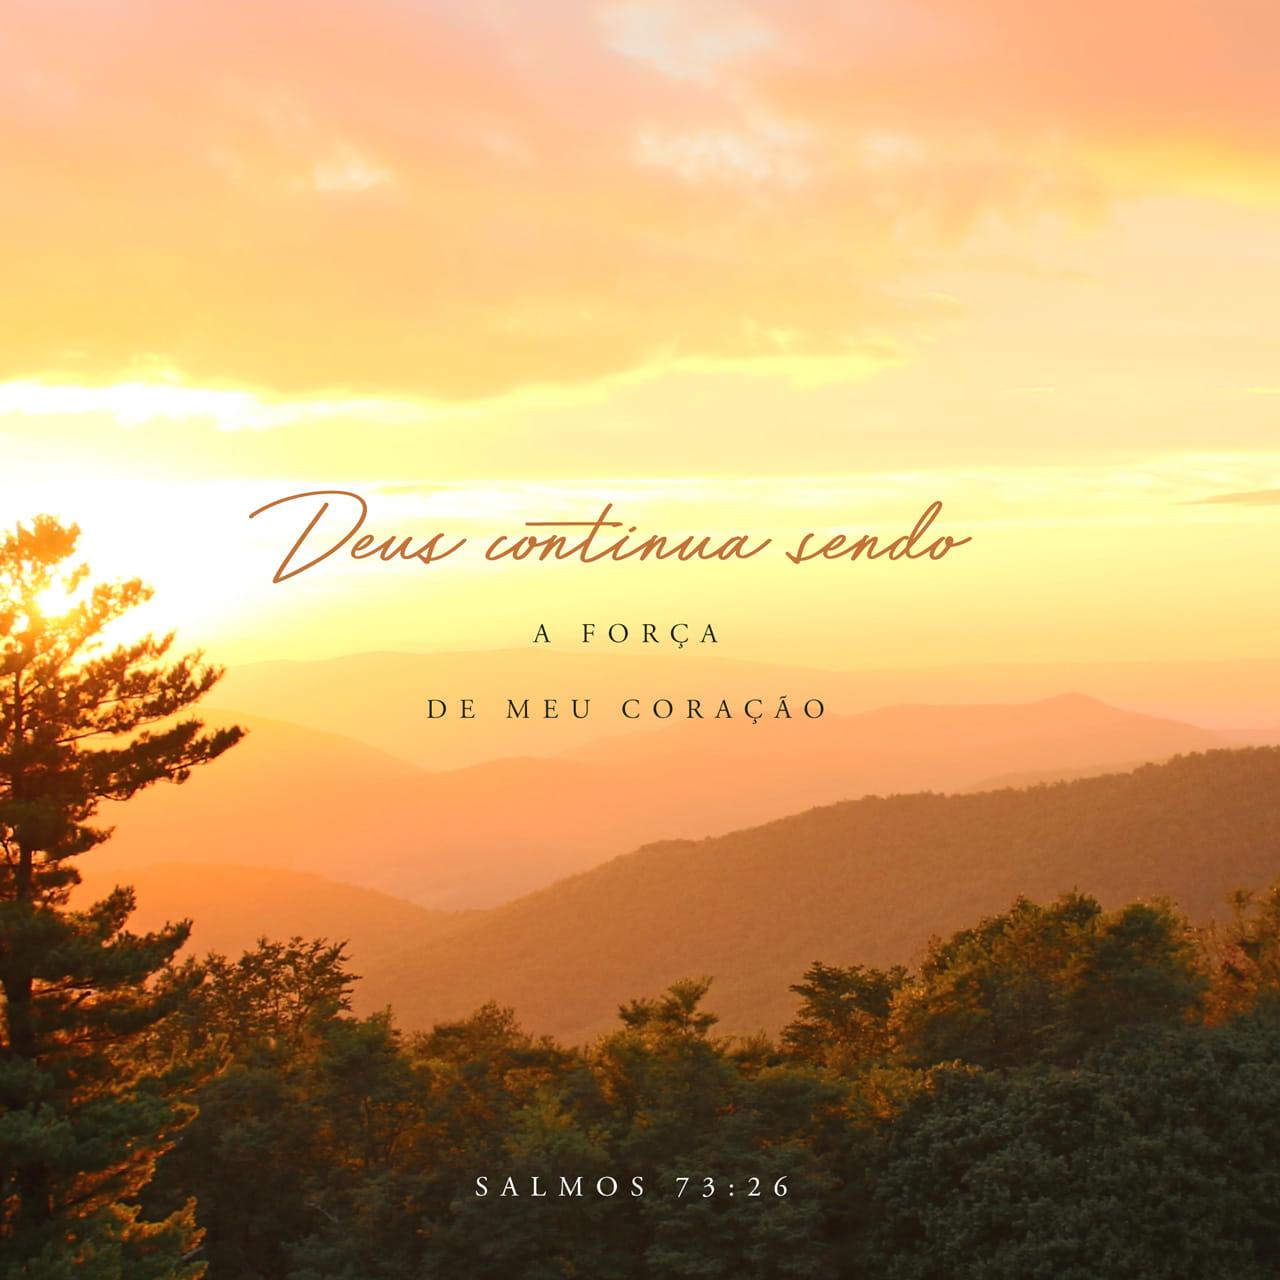 Salmos 73:26 O meu corpo e o meu coração poderão fraquejar, mas Deus é a força do meu coração e a minha herança para sempre.   Nova Versão Internacional Português (NVI-P)   Baixar o App da Bíblia agora